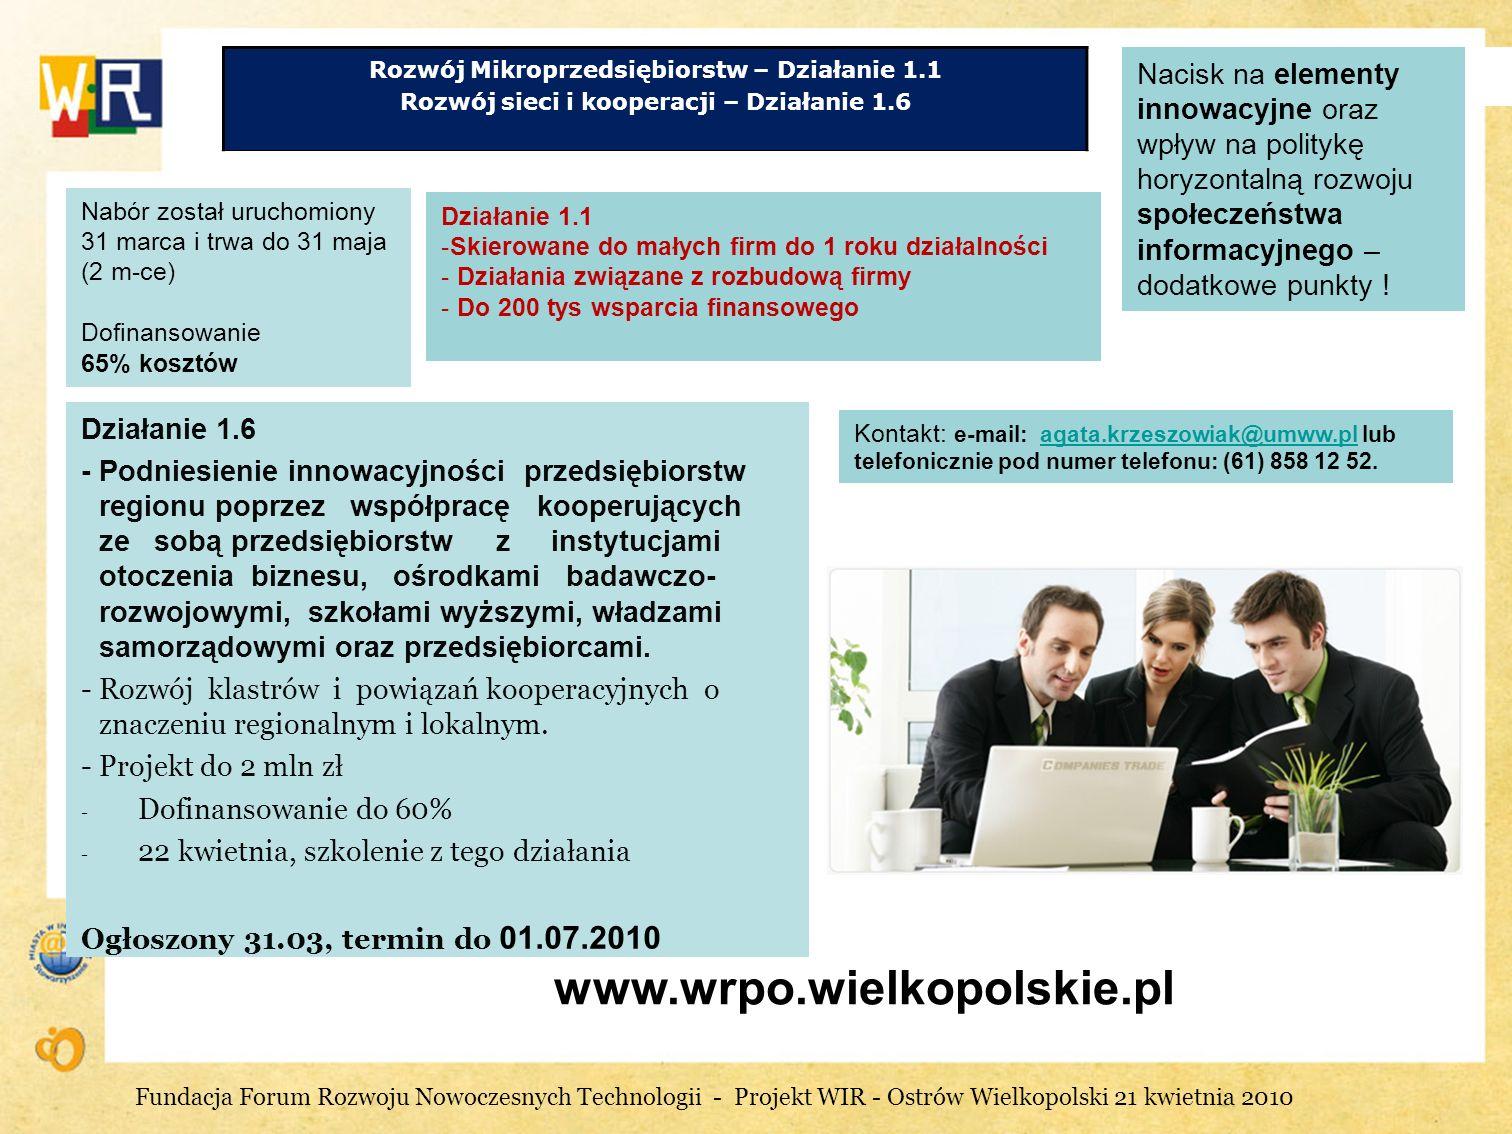 www.wrpo.wielkopolskie.pl Rozwój Mikroprzedsiębiorstw – Działanie 1.1 Rozwój sieci i kooperacji – Działanie 1.6 Nacisk na elementy innowacyjne oraz wp